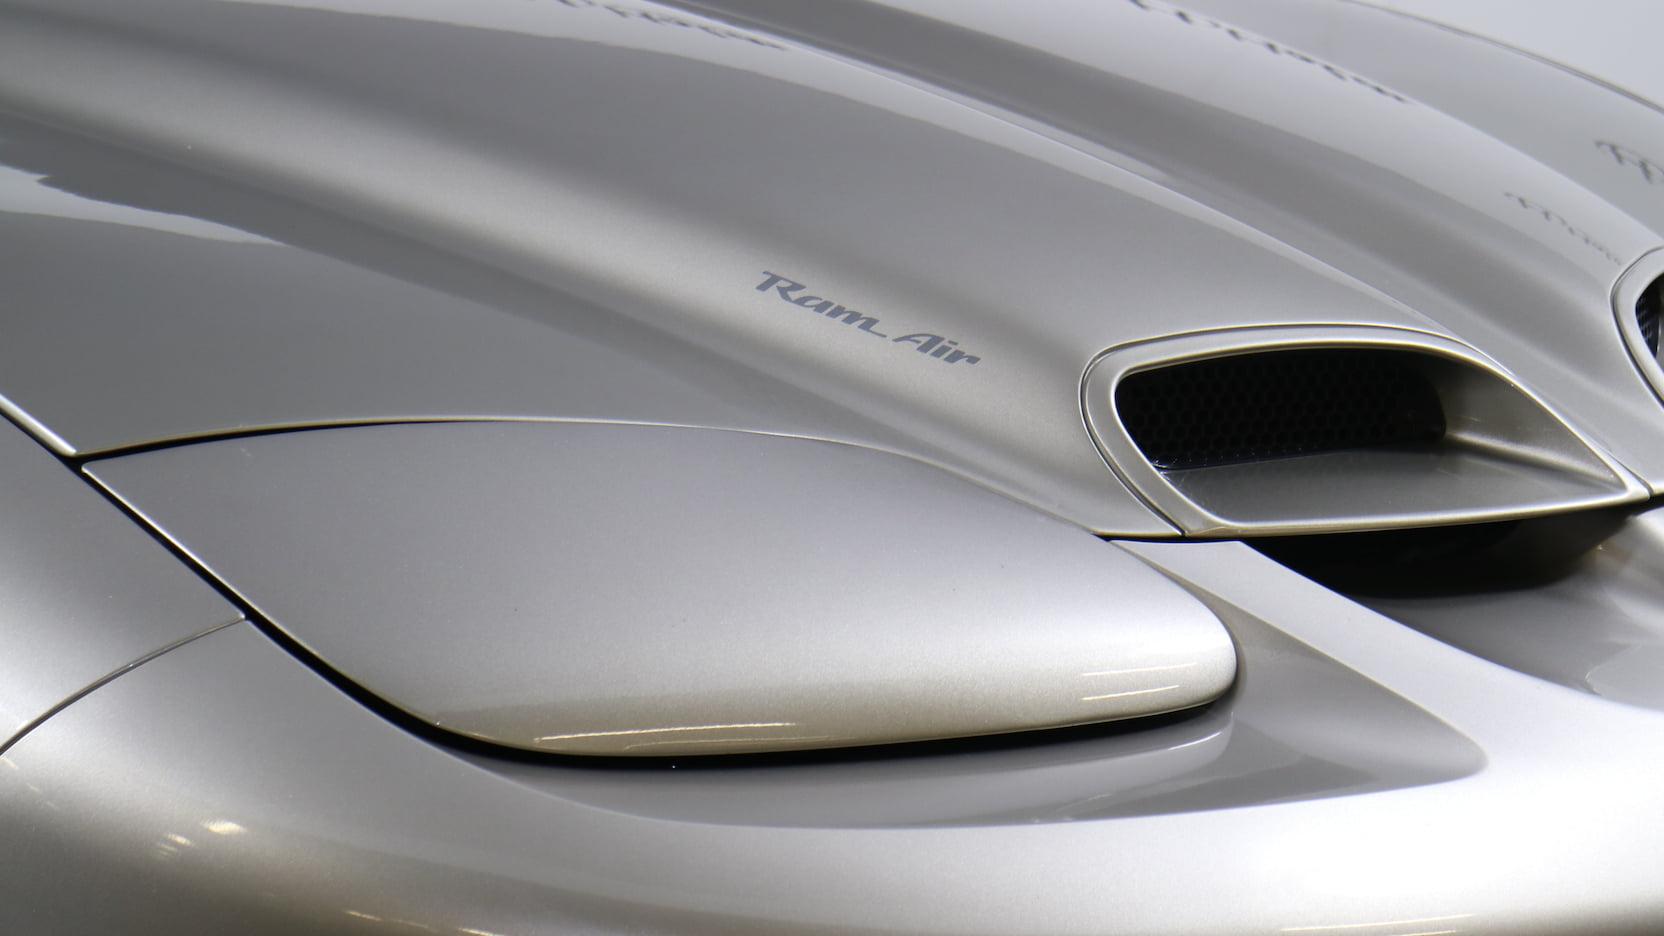 2001 Pontiac Firebird Trans Am WS6 hood detail